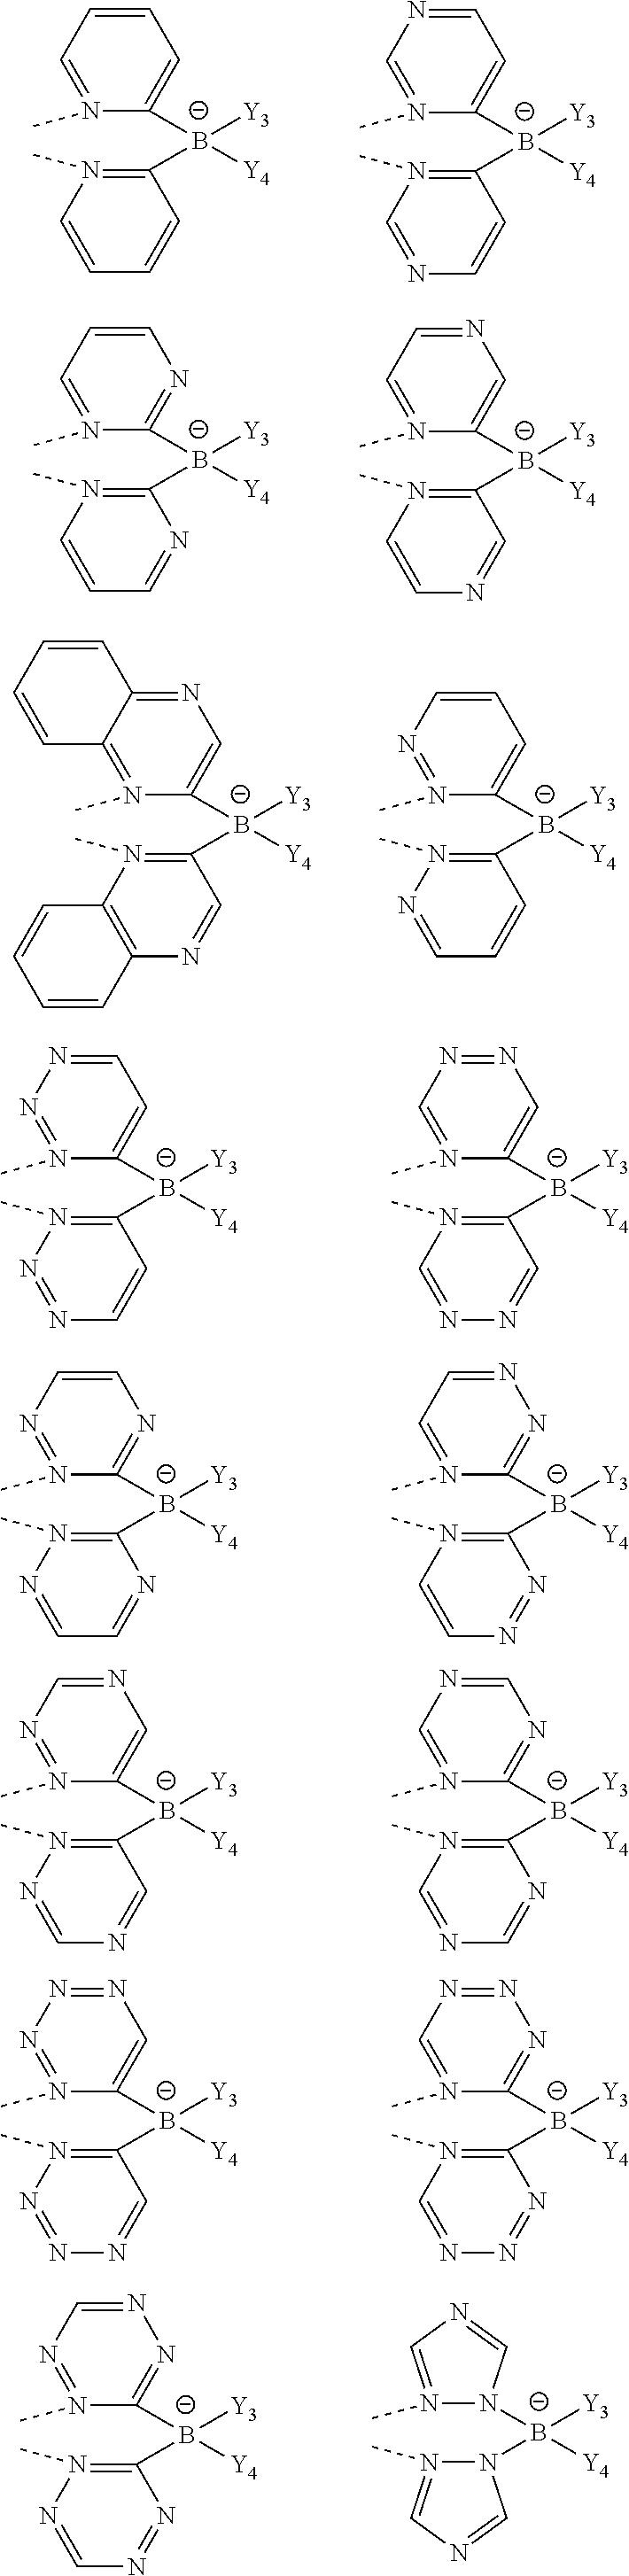 Figure US09773986-20170926-C00251